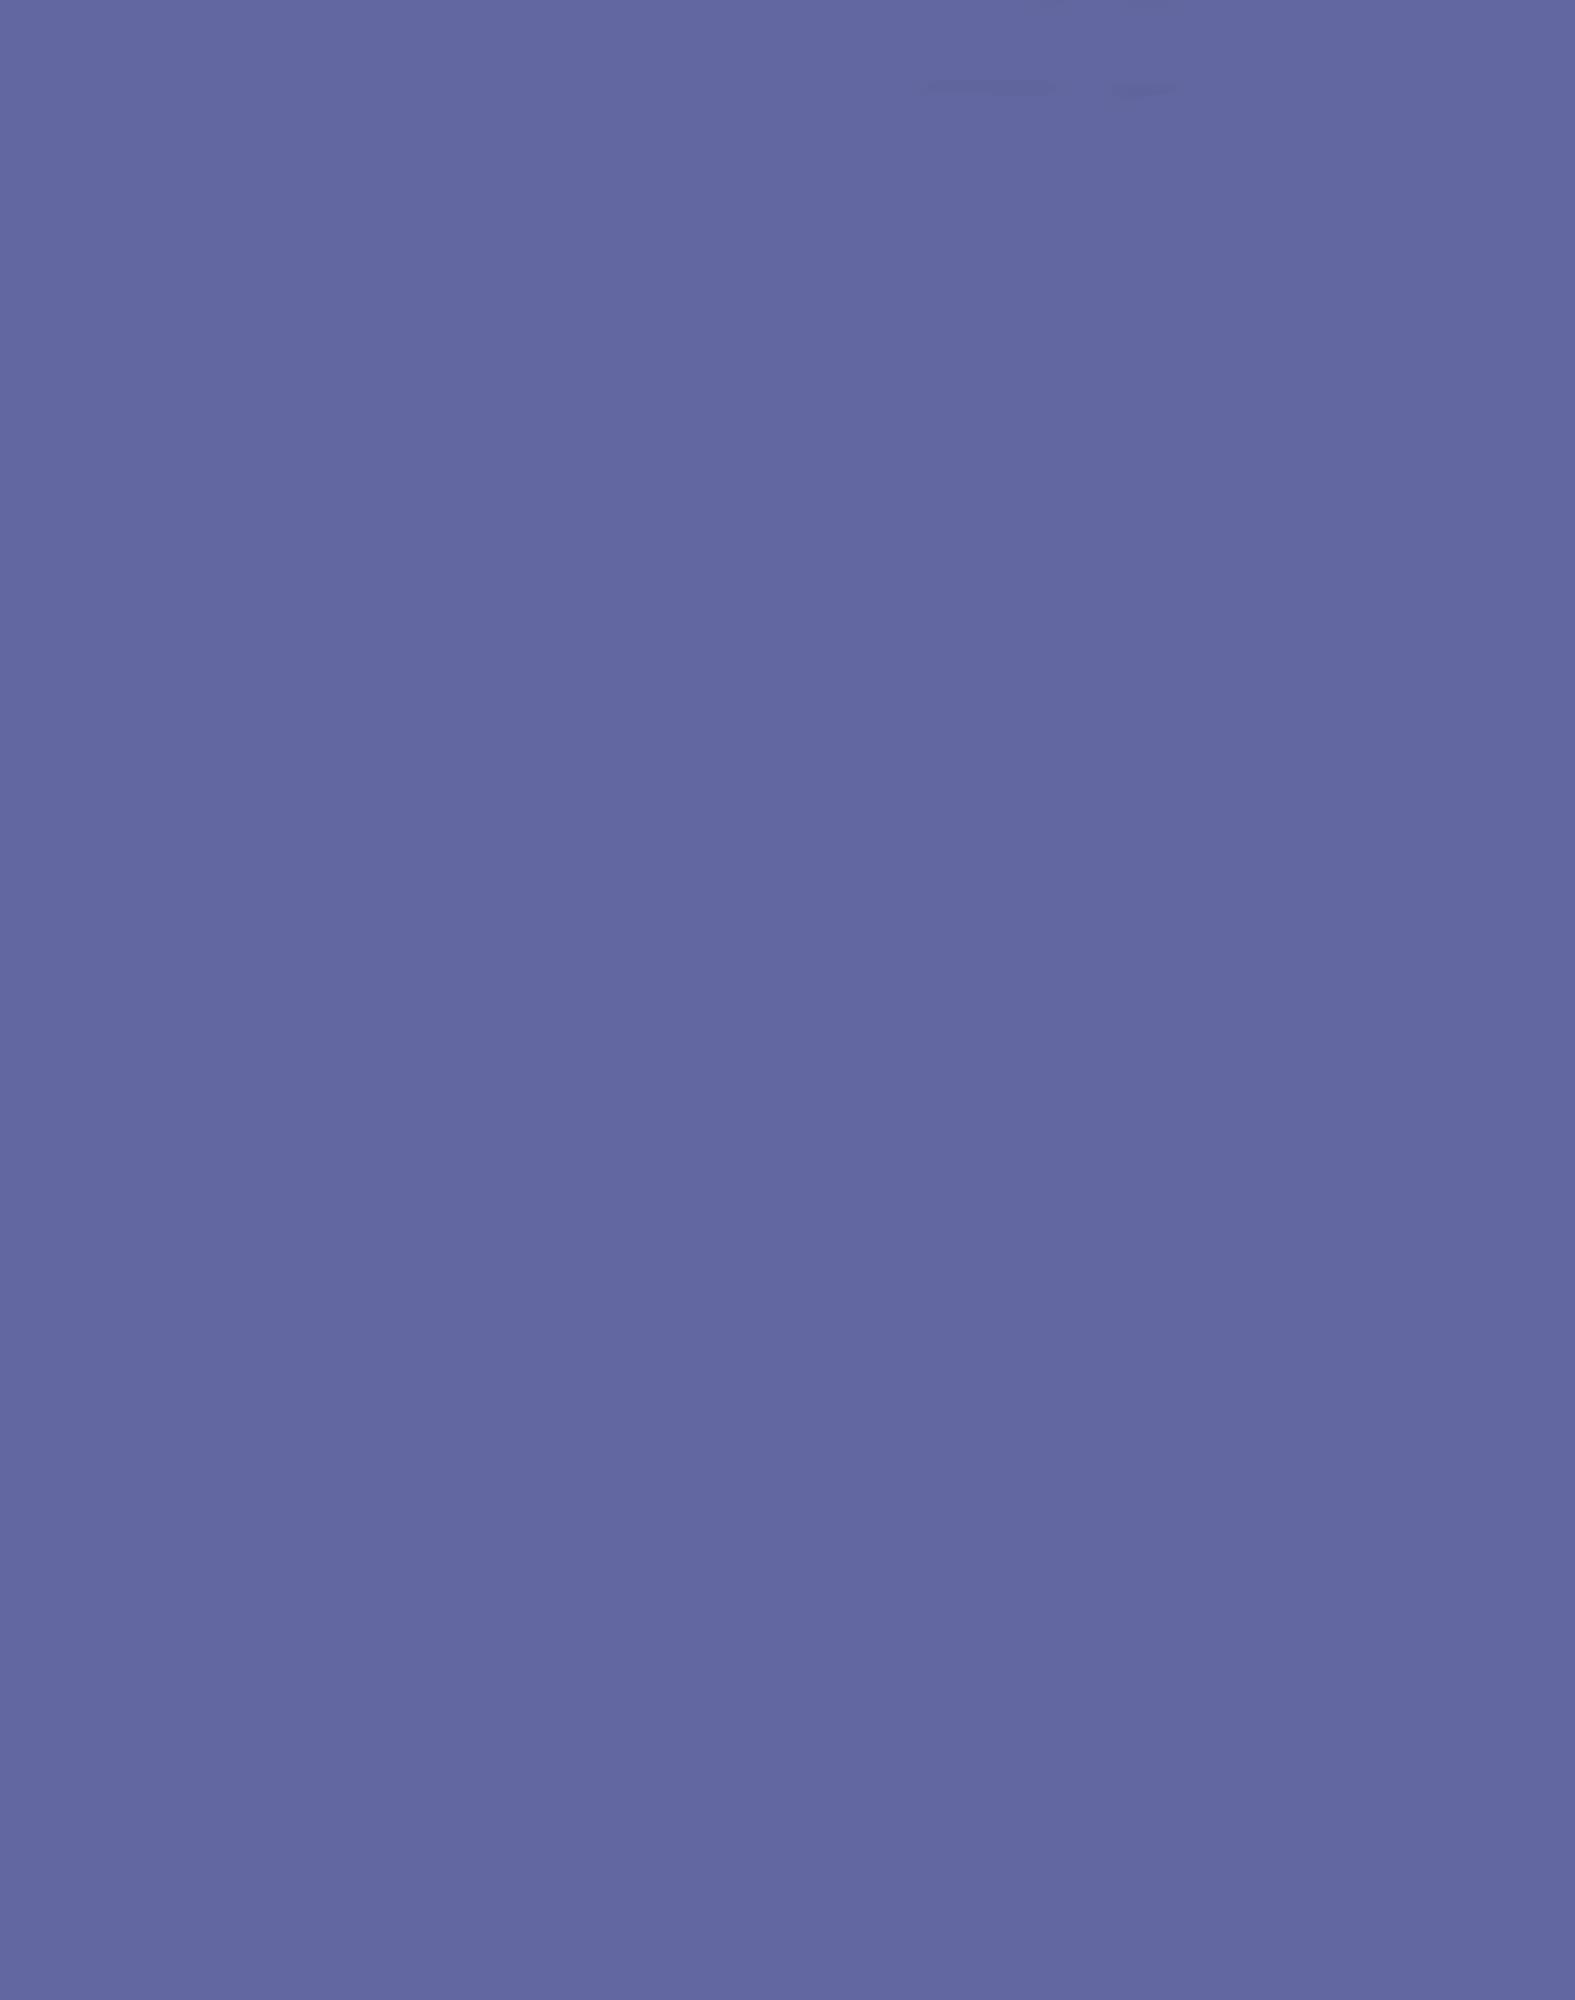 Vivid Violet 99,103,161